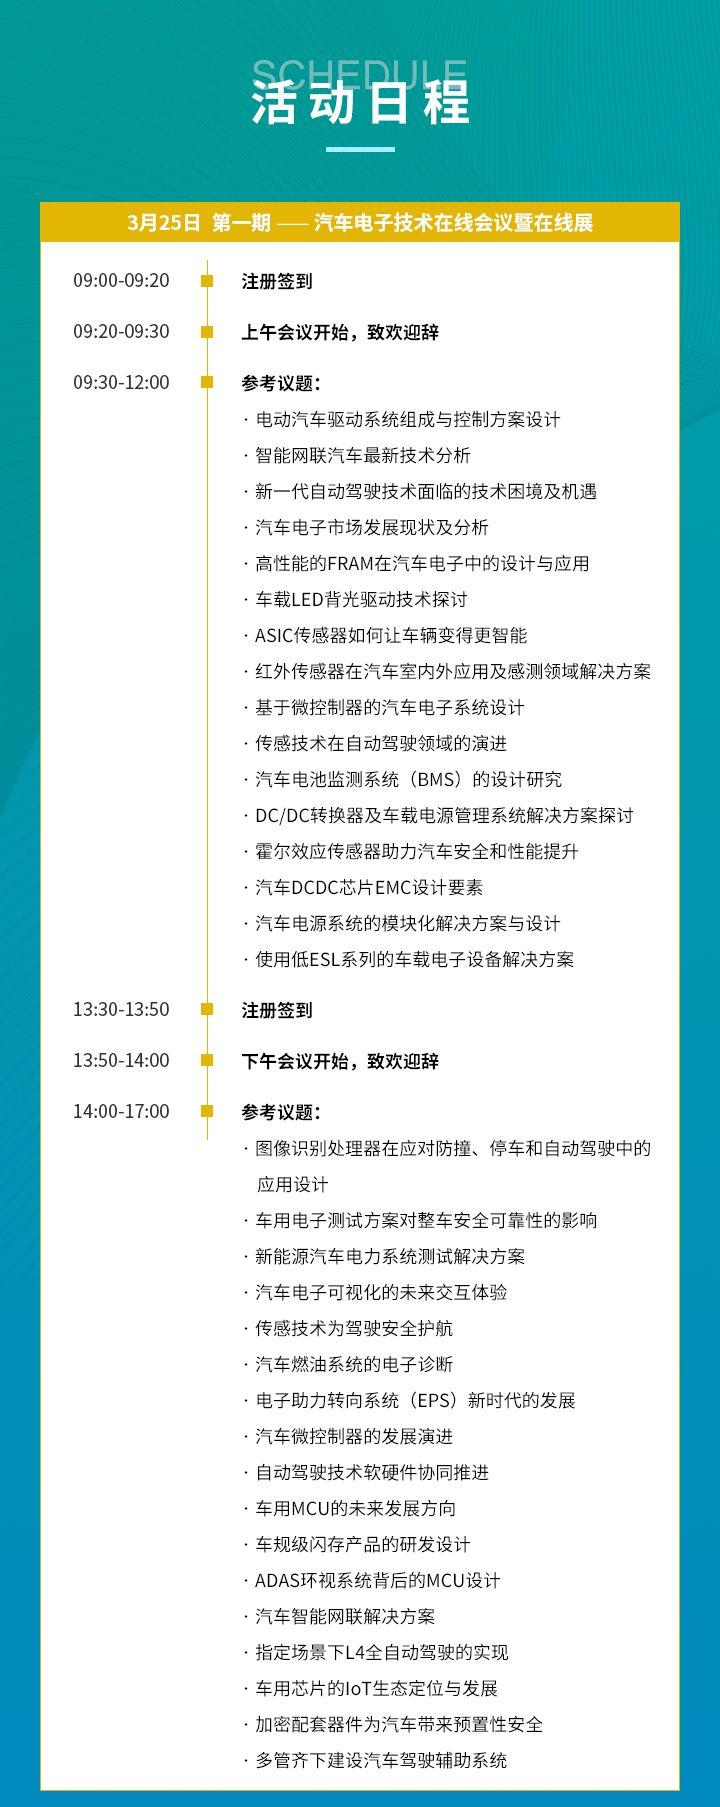 OFweek 2021系列活动——第一期:汽车电子技术在线会议暨在线展